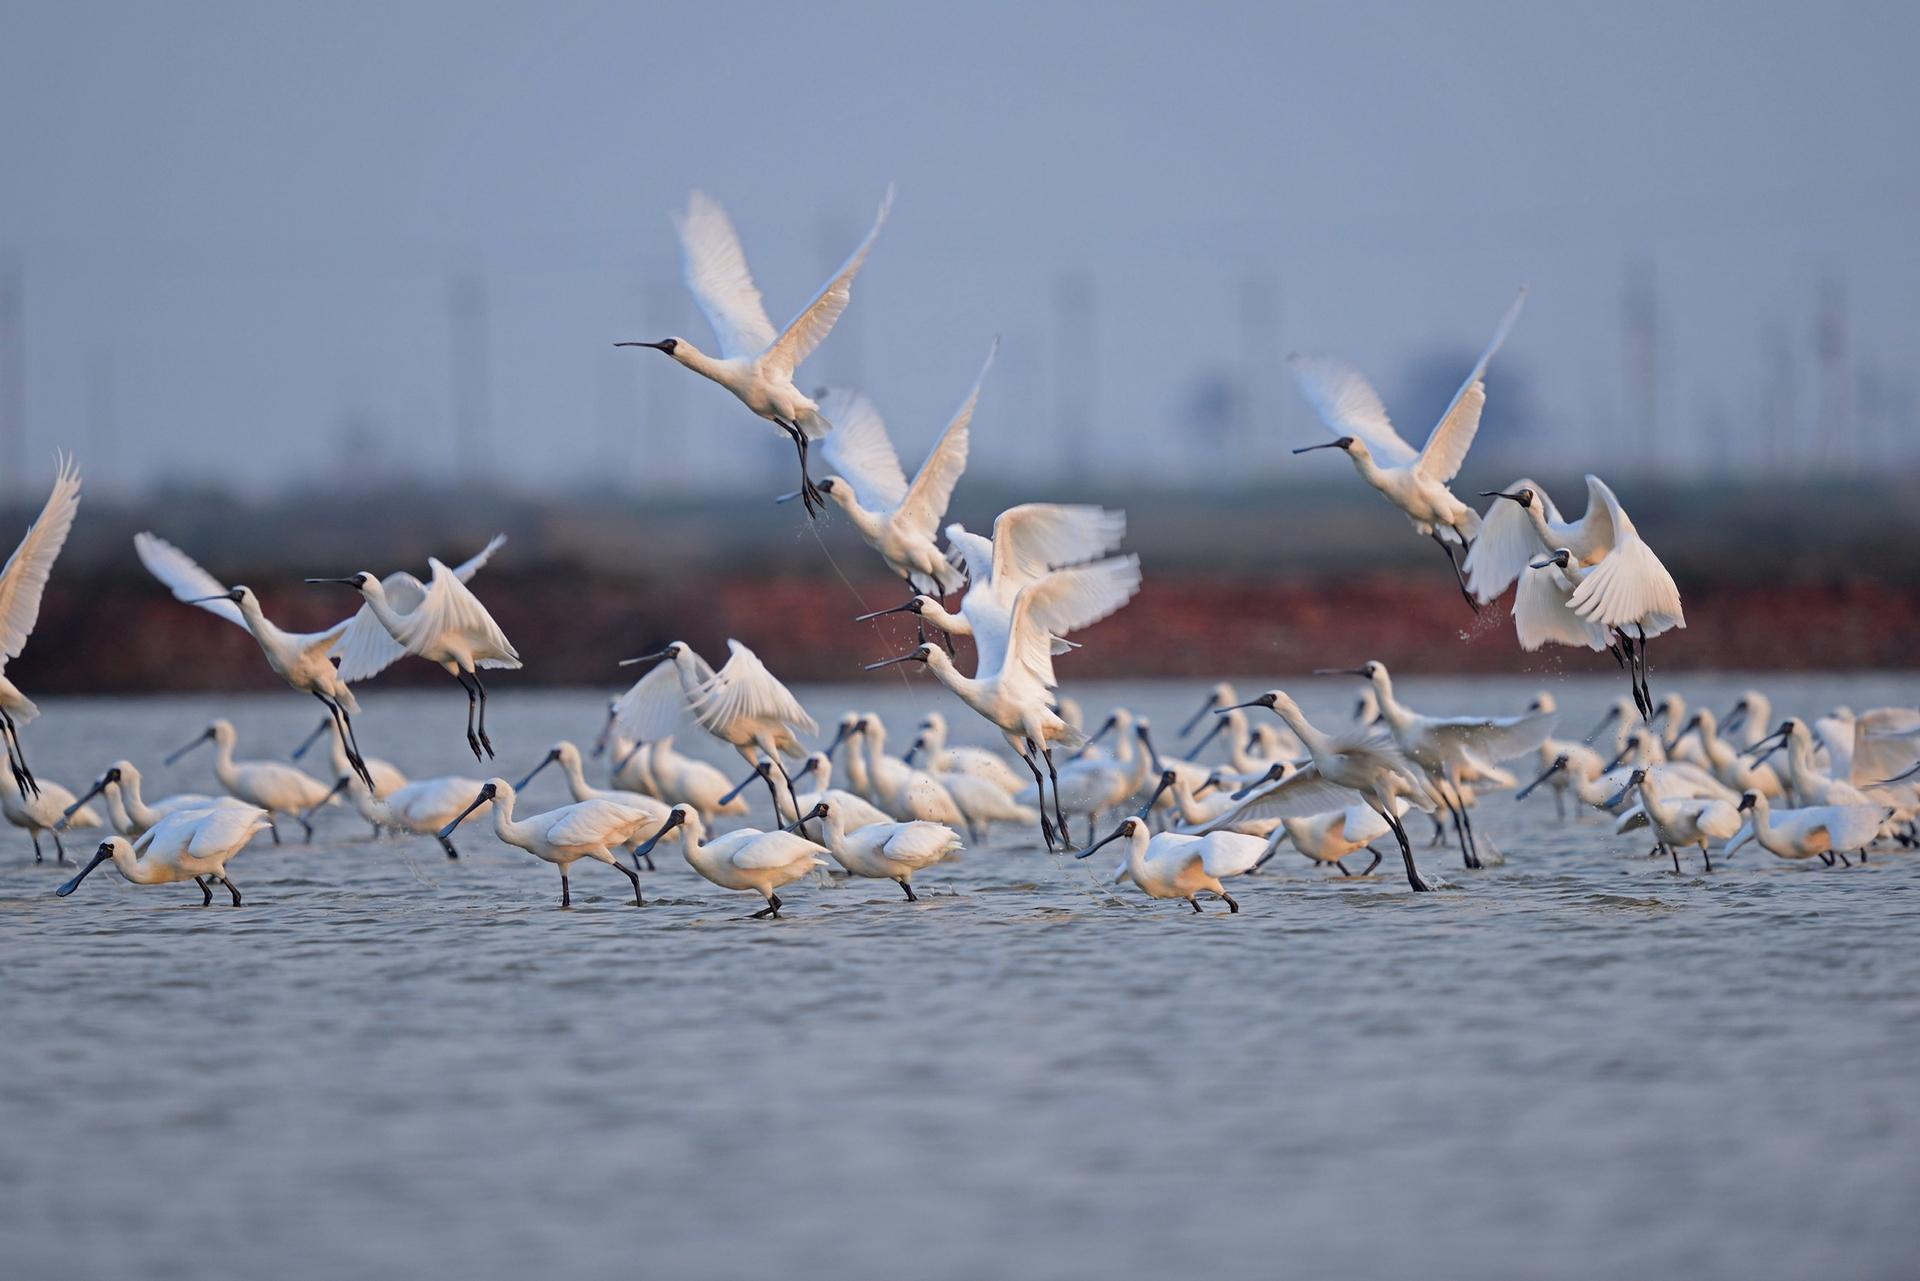 黑面琵鷺是瀕危鳥種,全球總數量不超過3000隻,台灣是黑面琵鷺最大的度冬地,尤以台南曾文溪口數量最多。